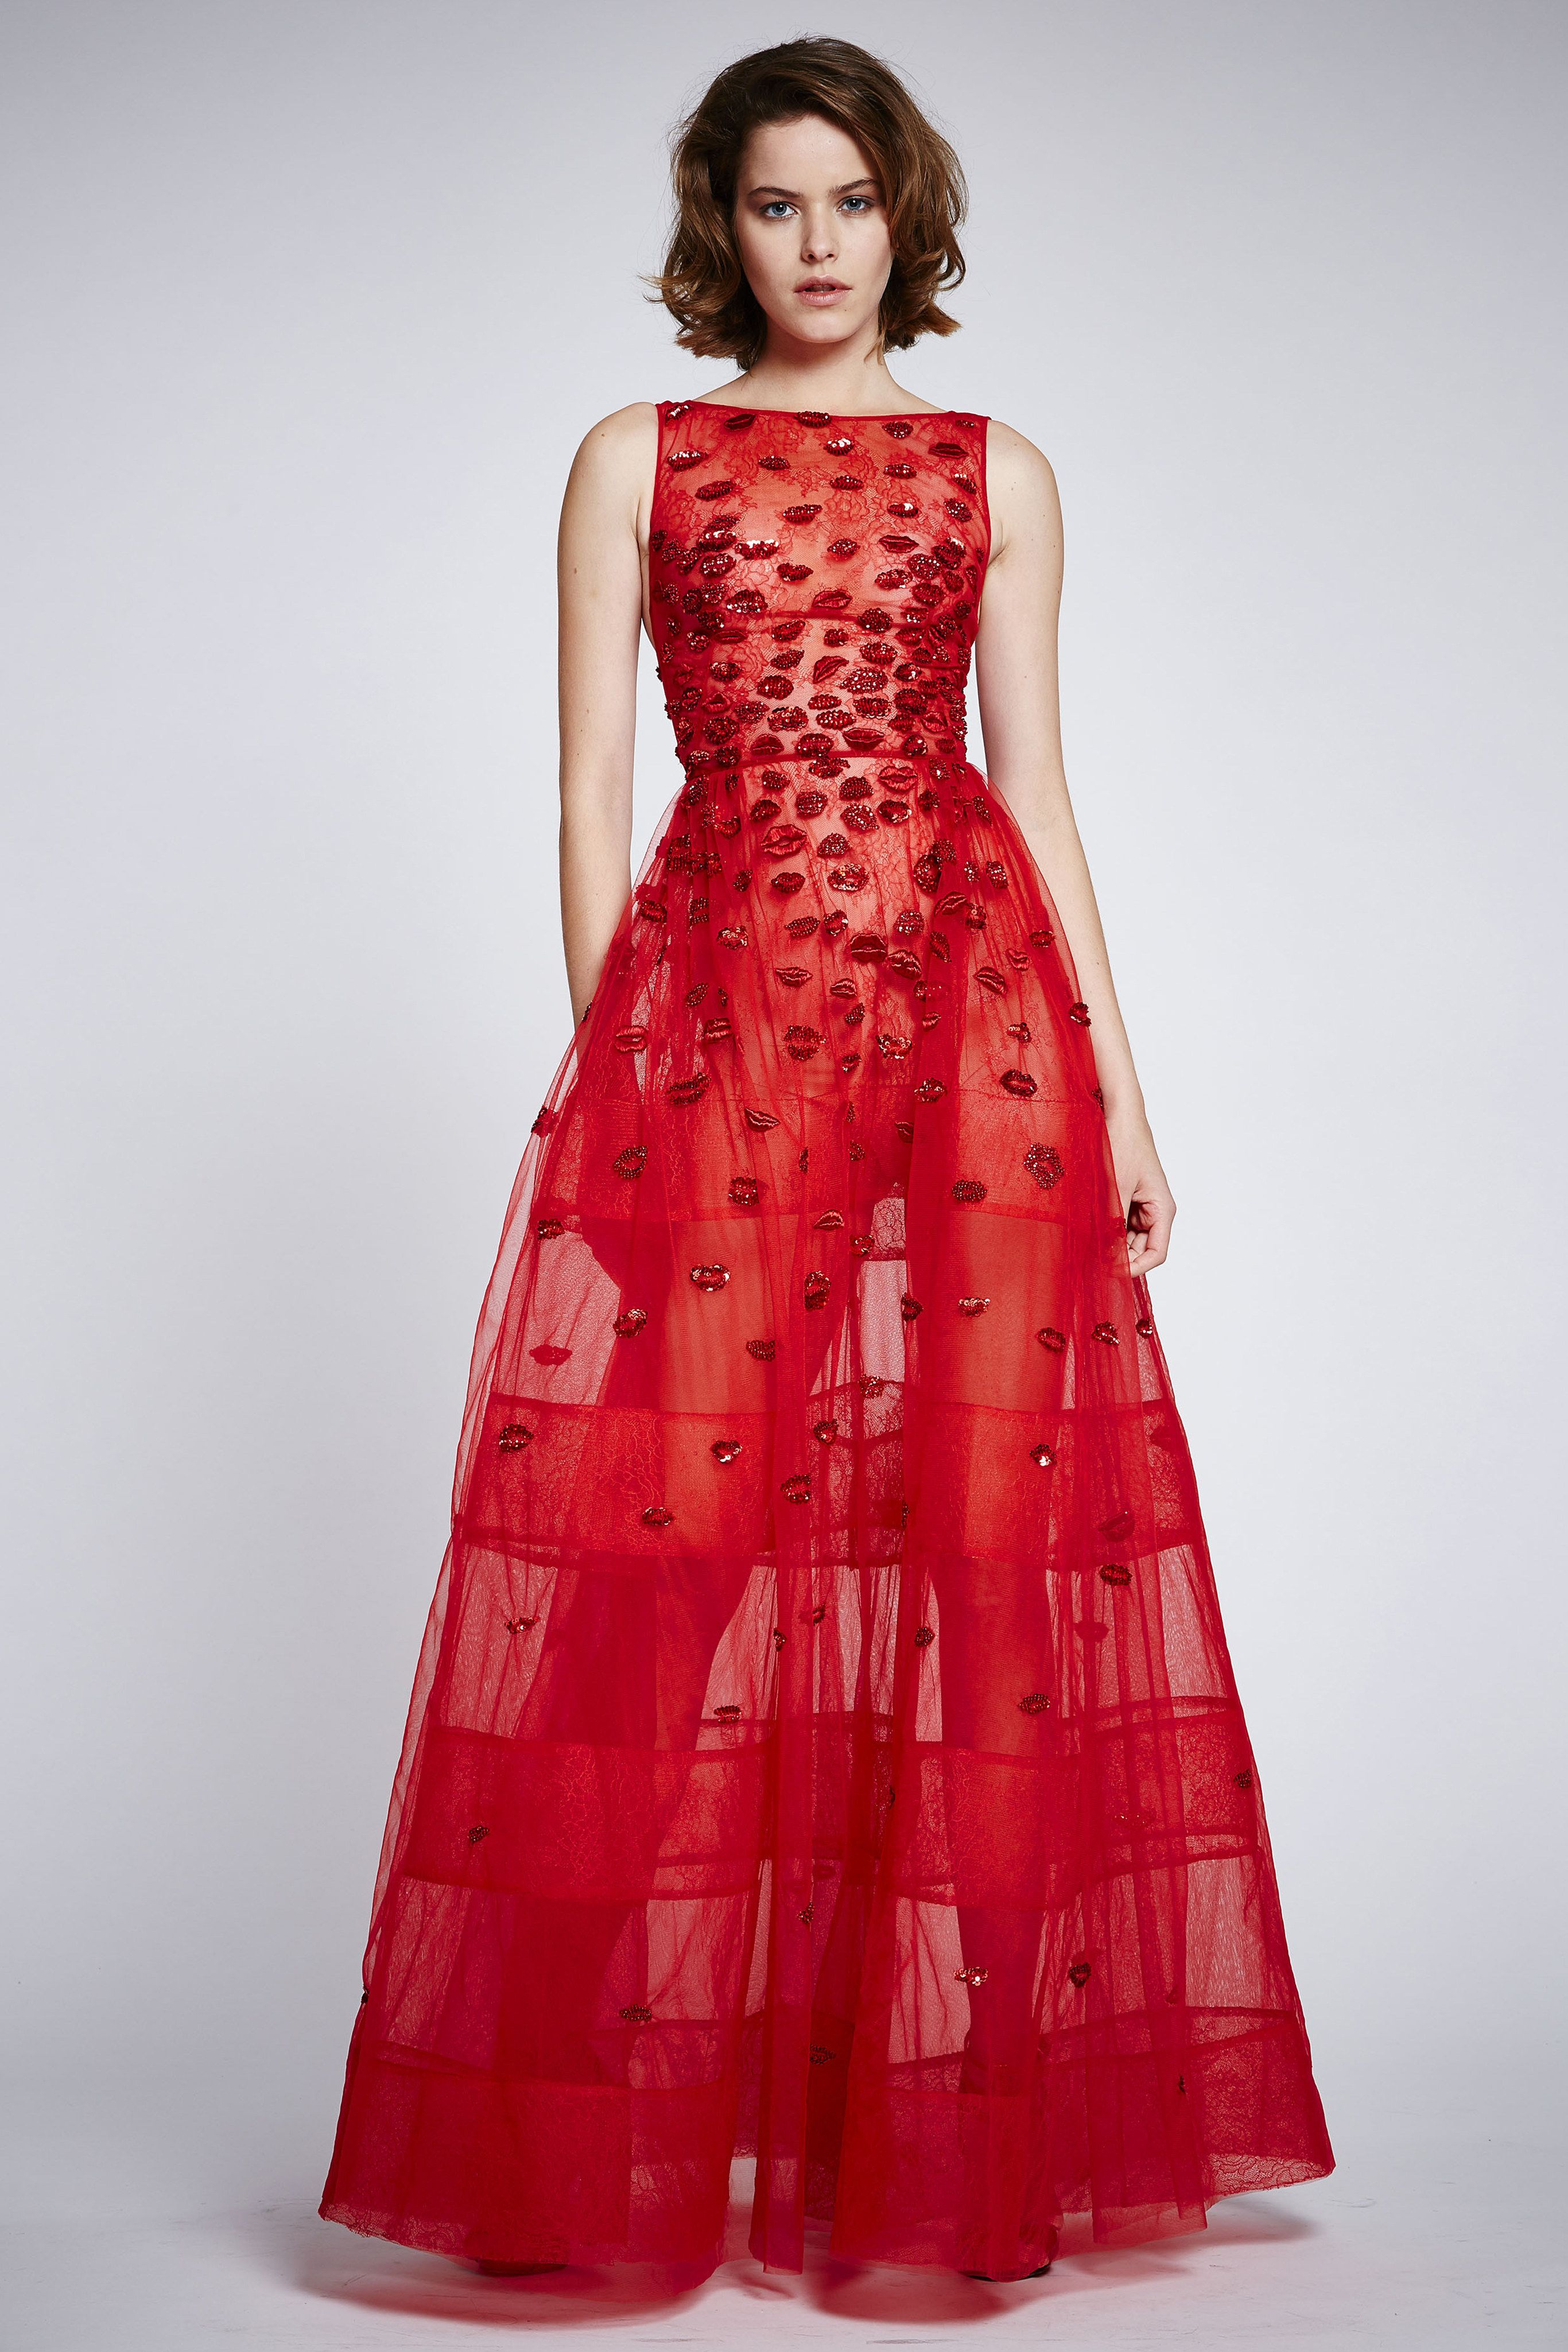 Zuhair Murad Spring 2016 Ready To Wear Collection Photos   Vogue